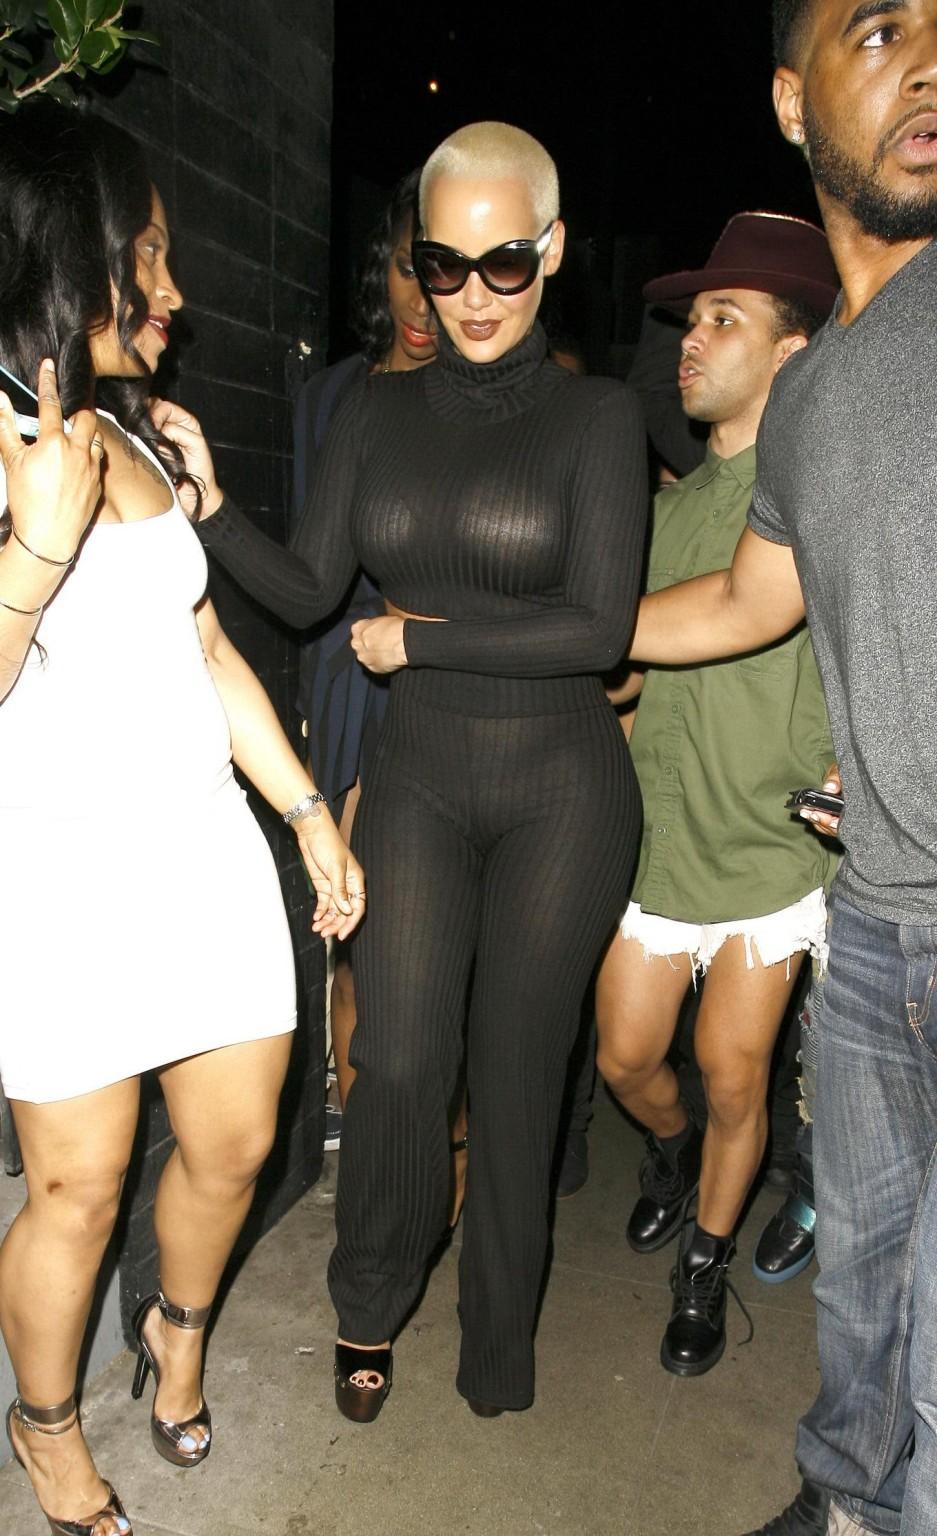 Телка с короткой стрижкой но очень большими дойками в черном костюме